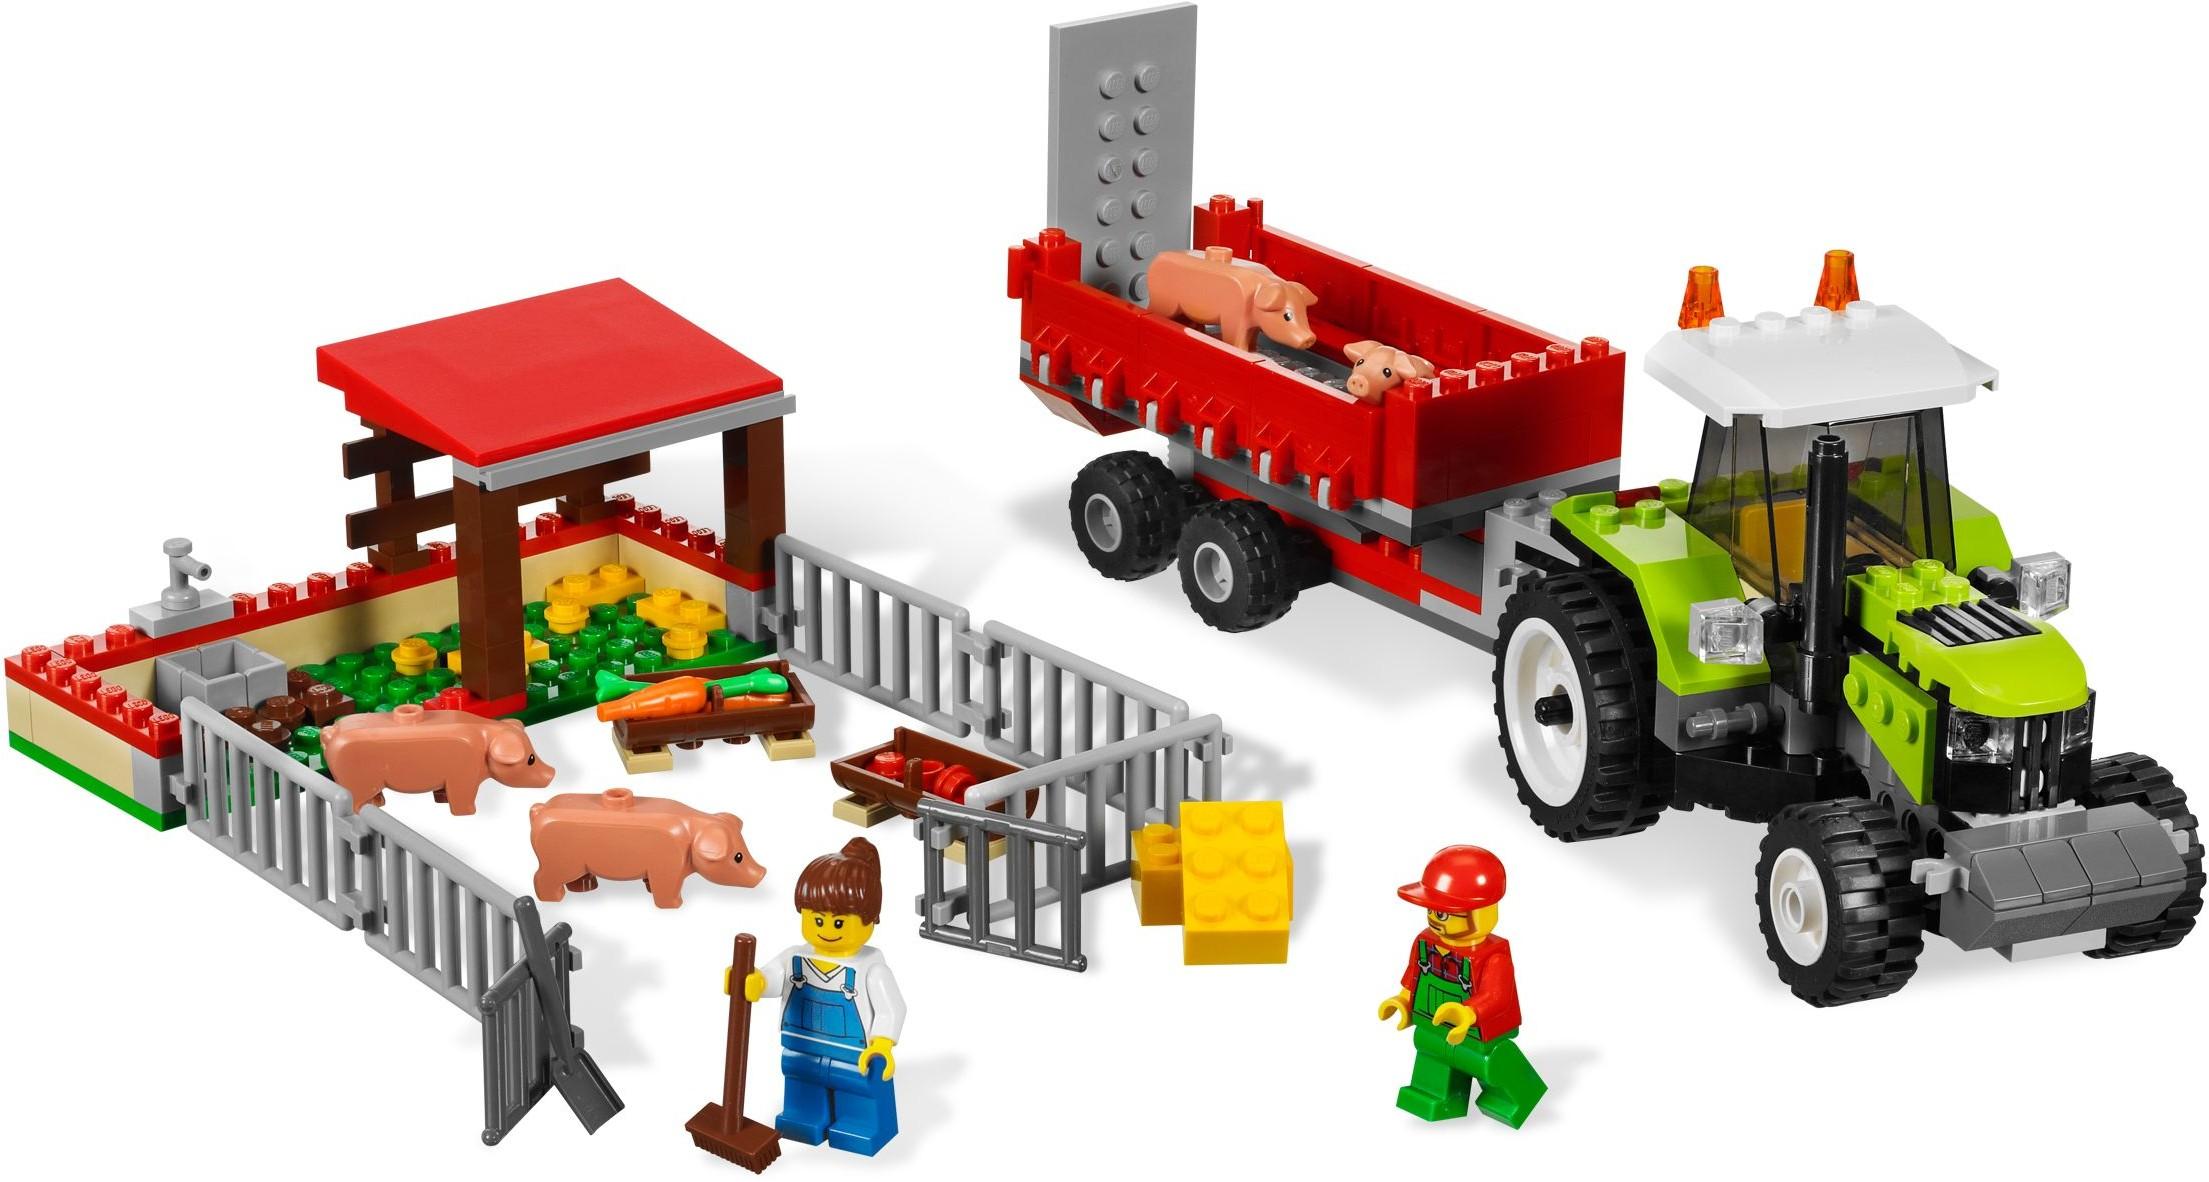 lego city backhoe instructions